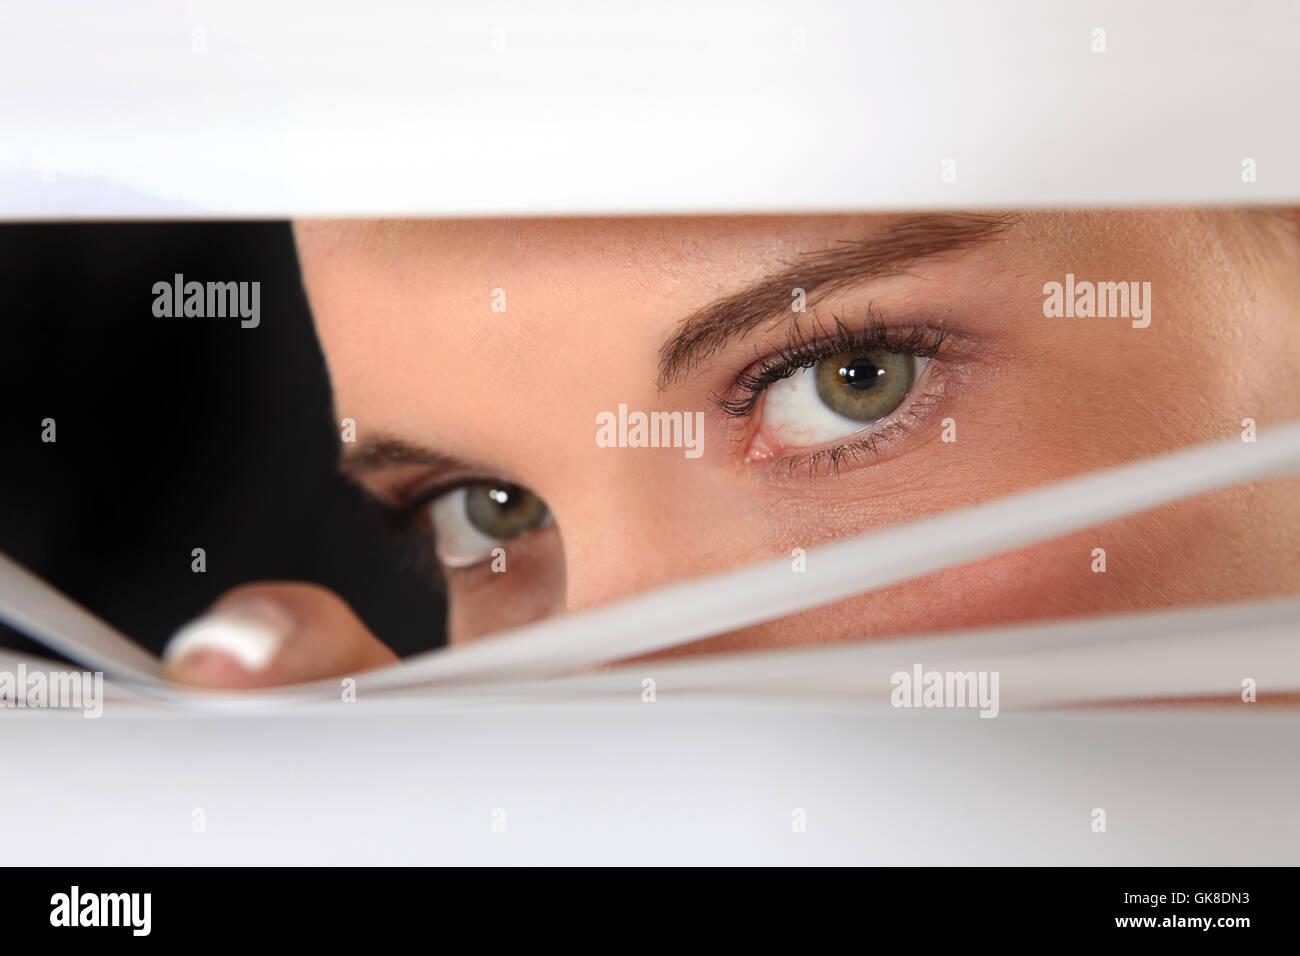 female eyes distrustful - Stock Image